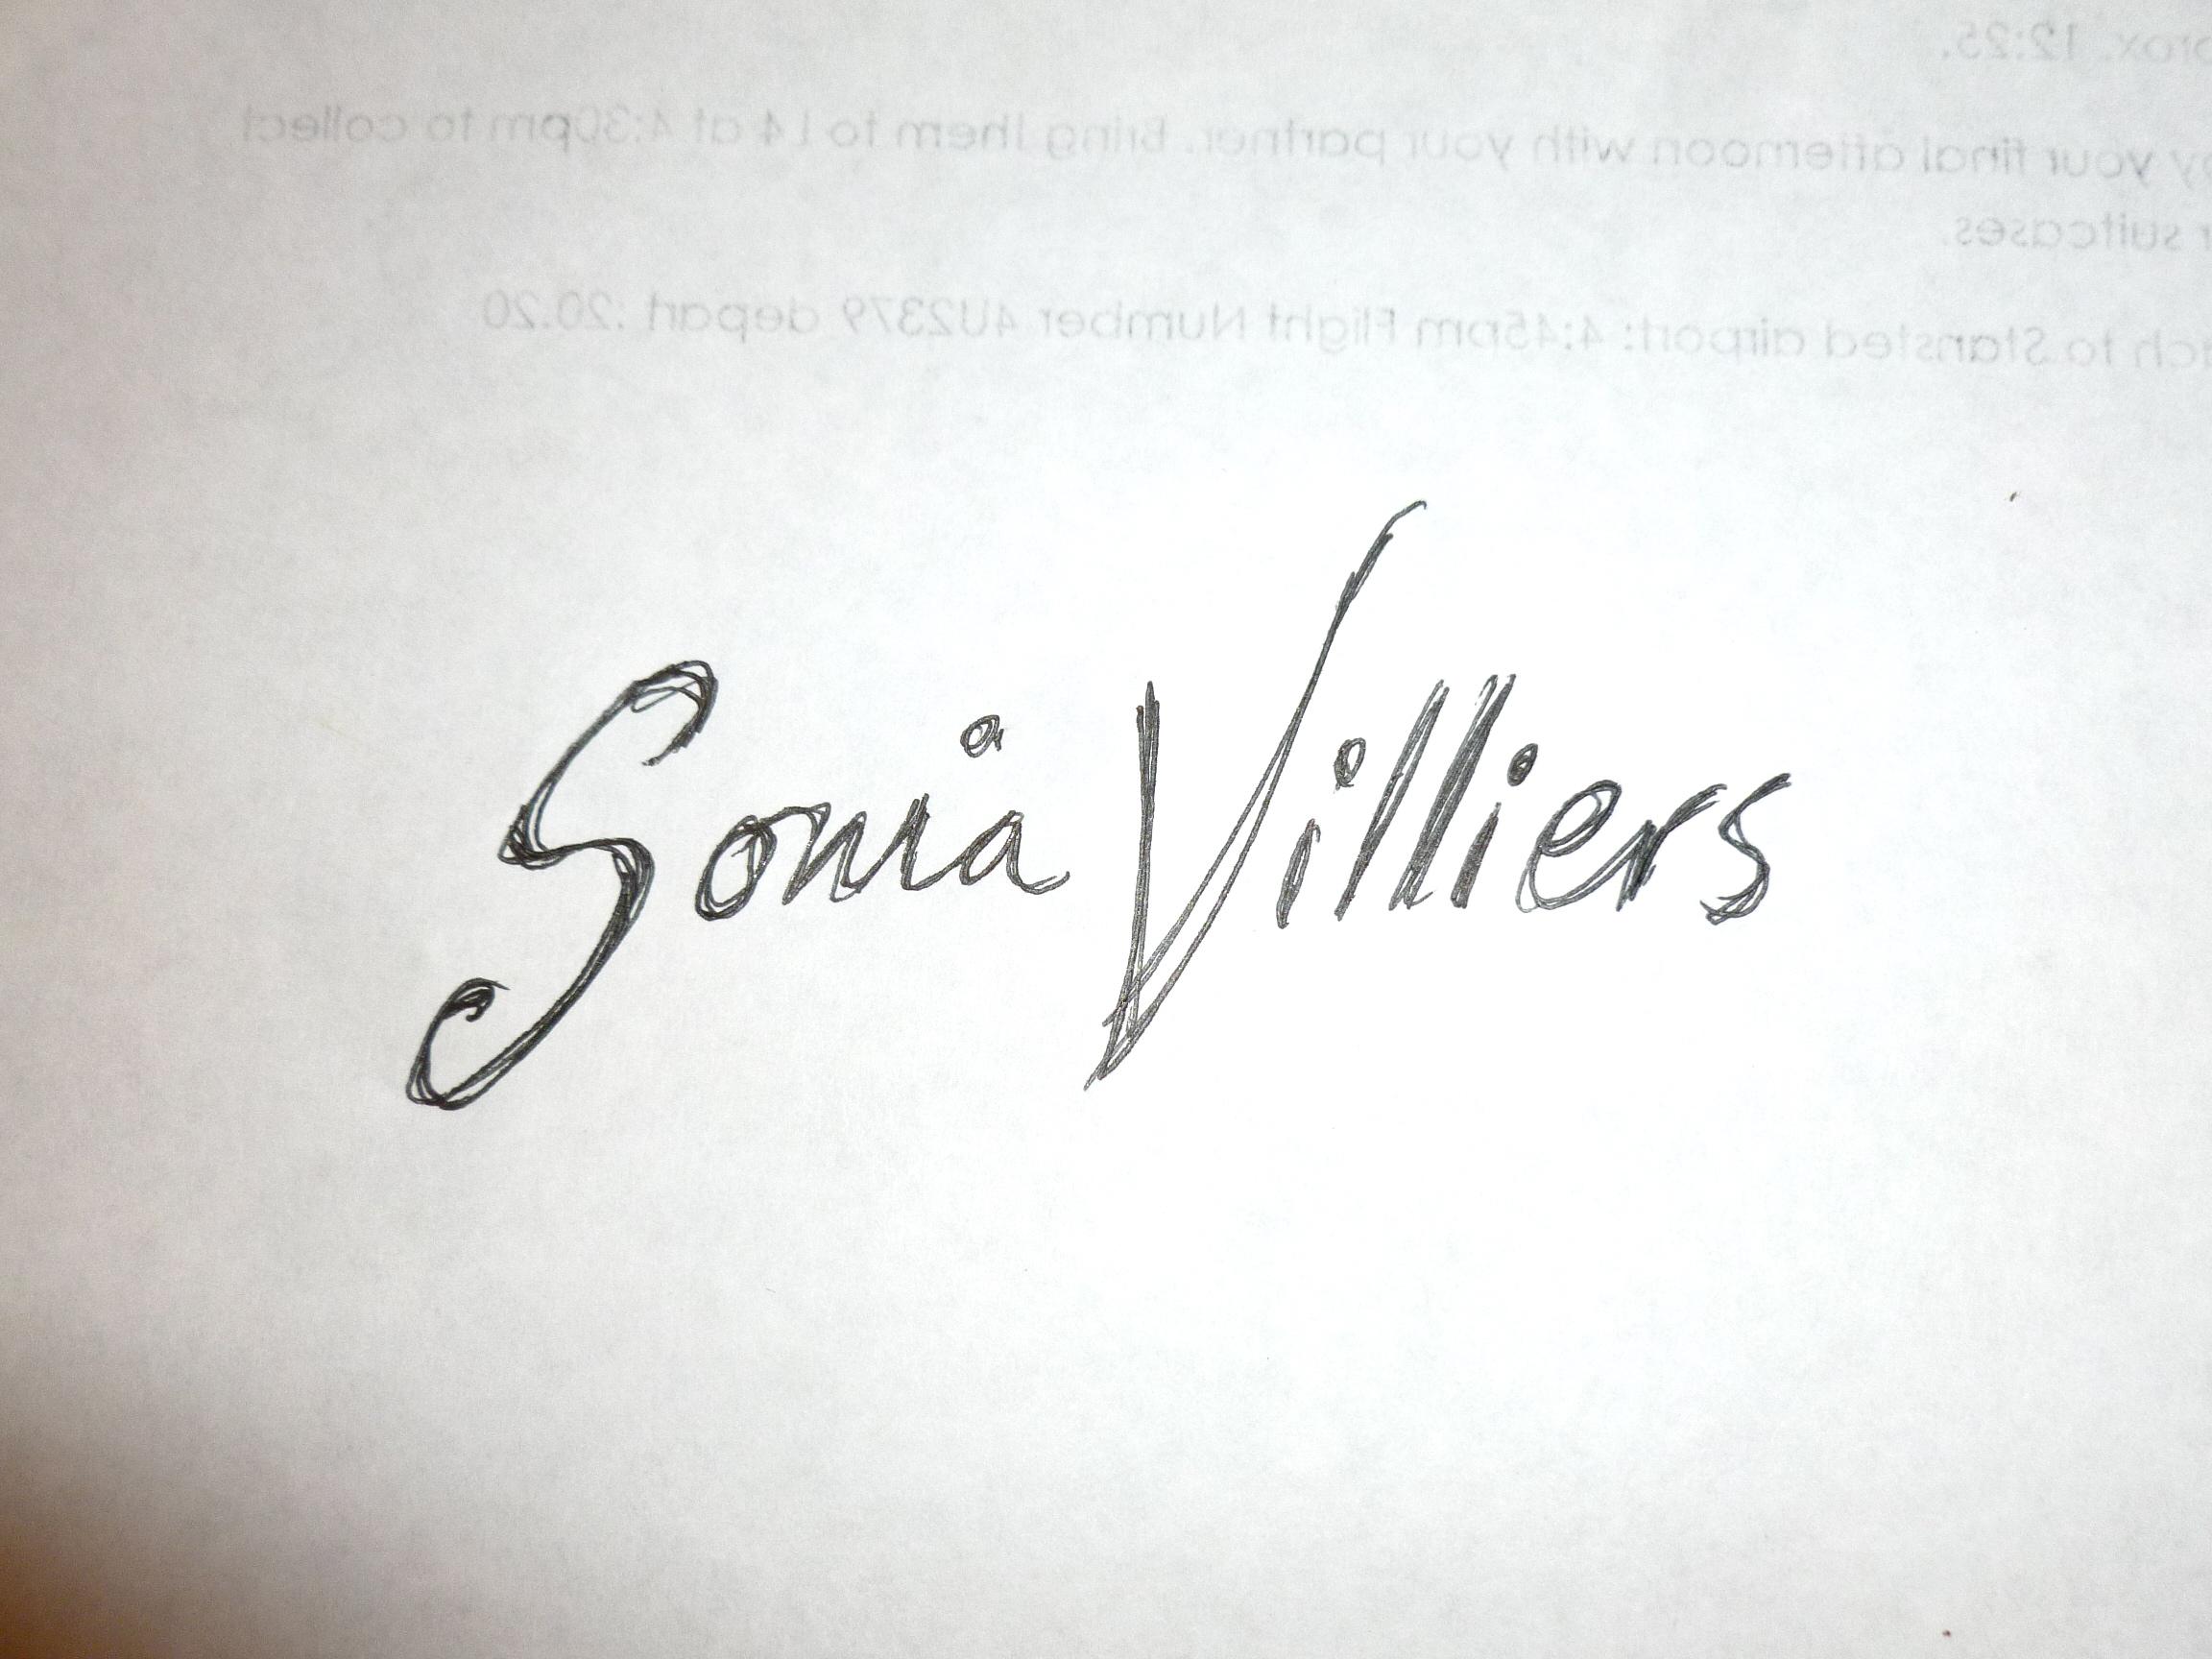 Sonia Villiers's Signature